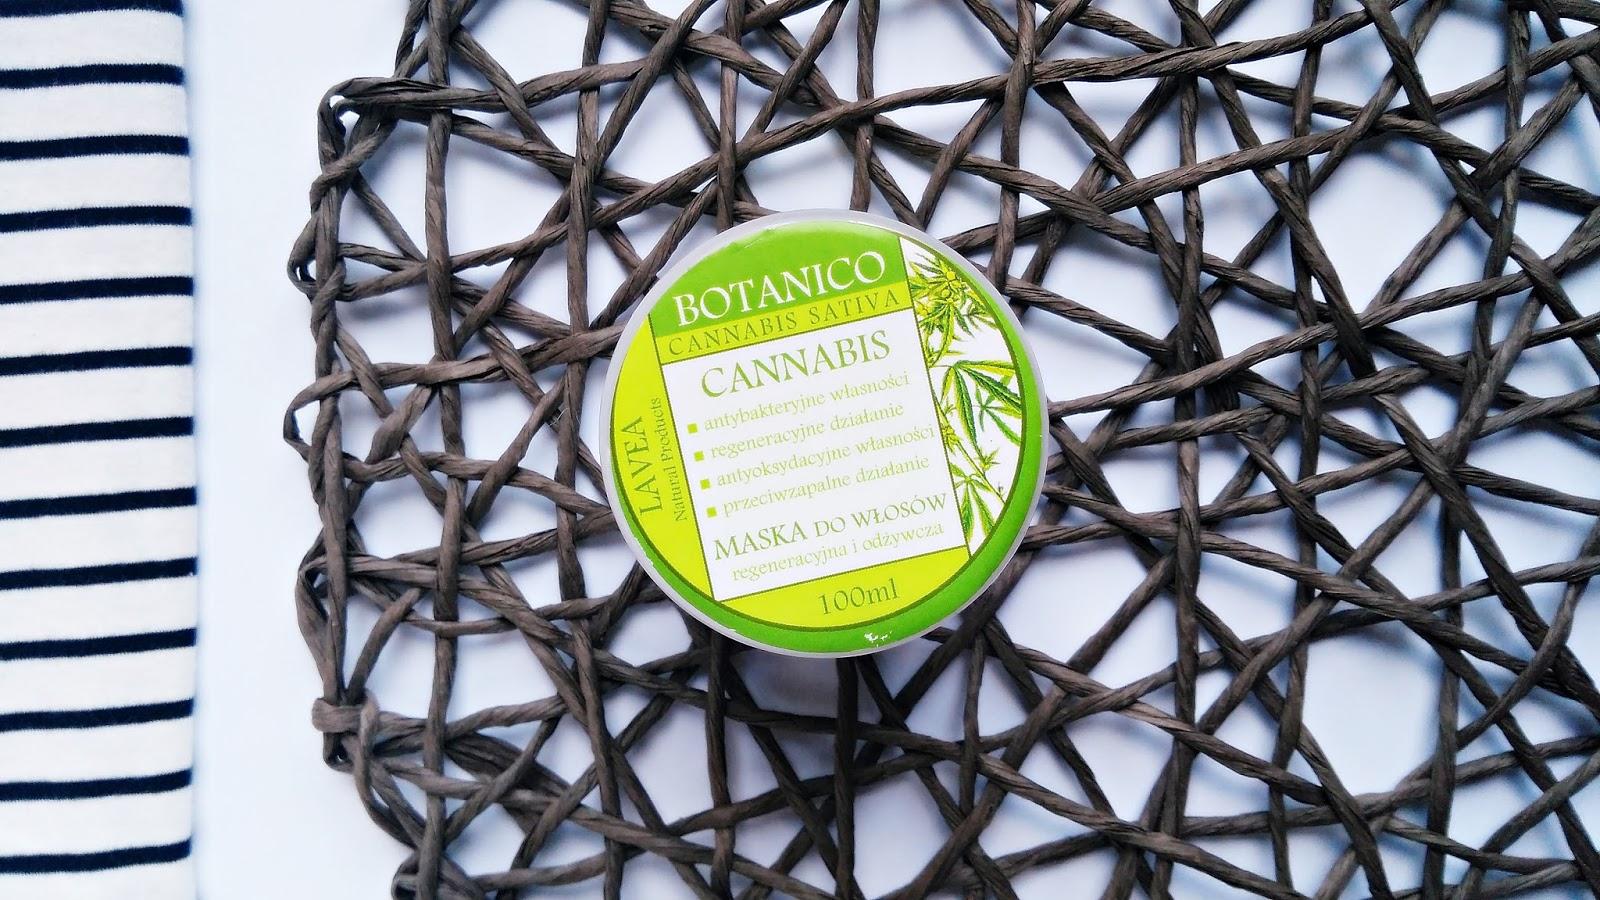 Lavea Botanico Cannabis maska do włosów z ekstraktem z konopi